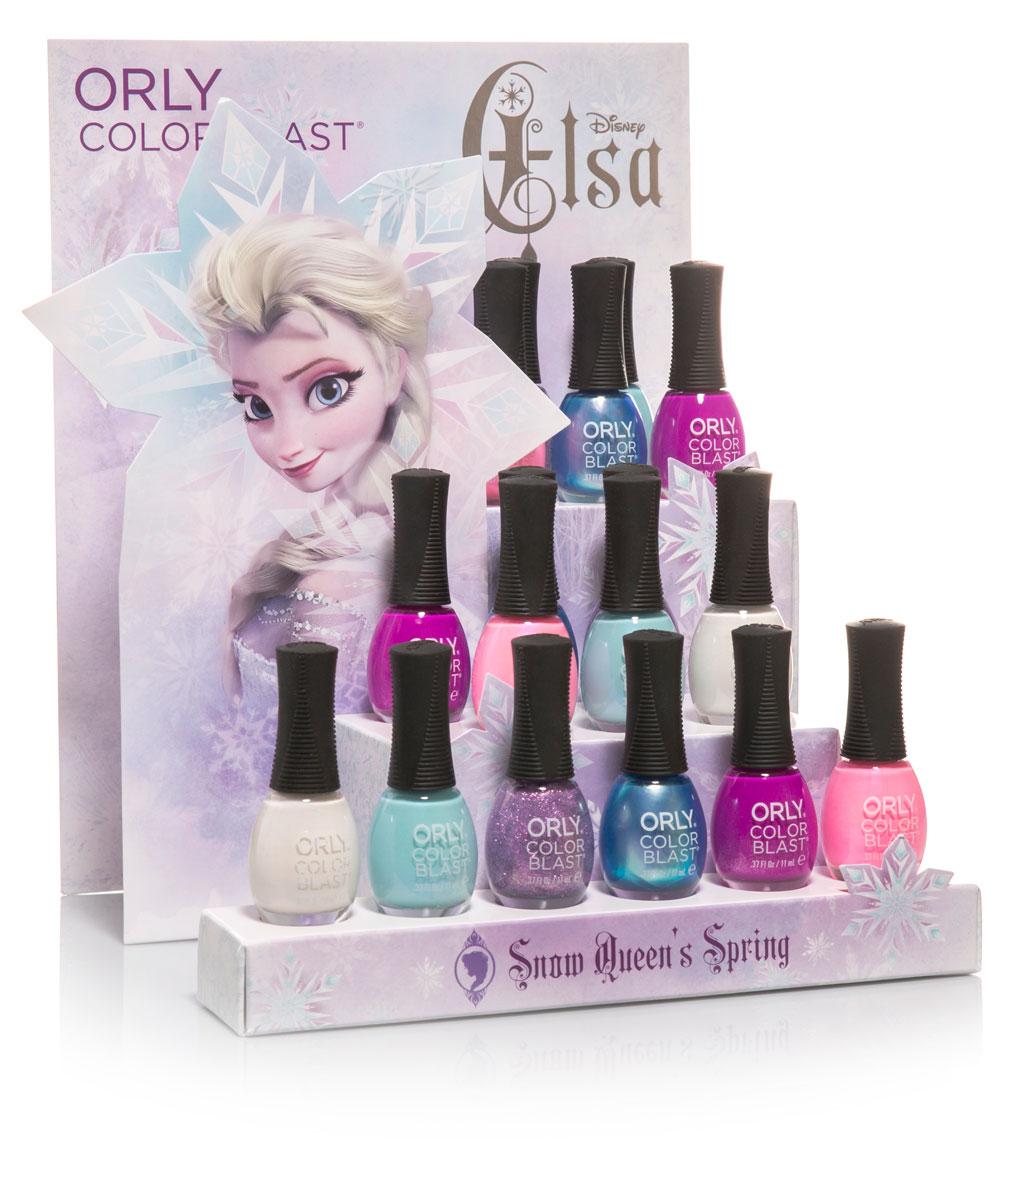 Orly Italia Color Blast Elsa Anna Frozen Nail Art Manicure Collezioni Edizione Limitata 2015